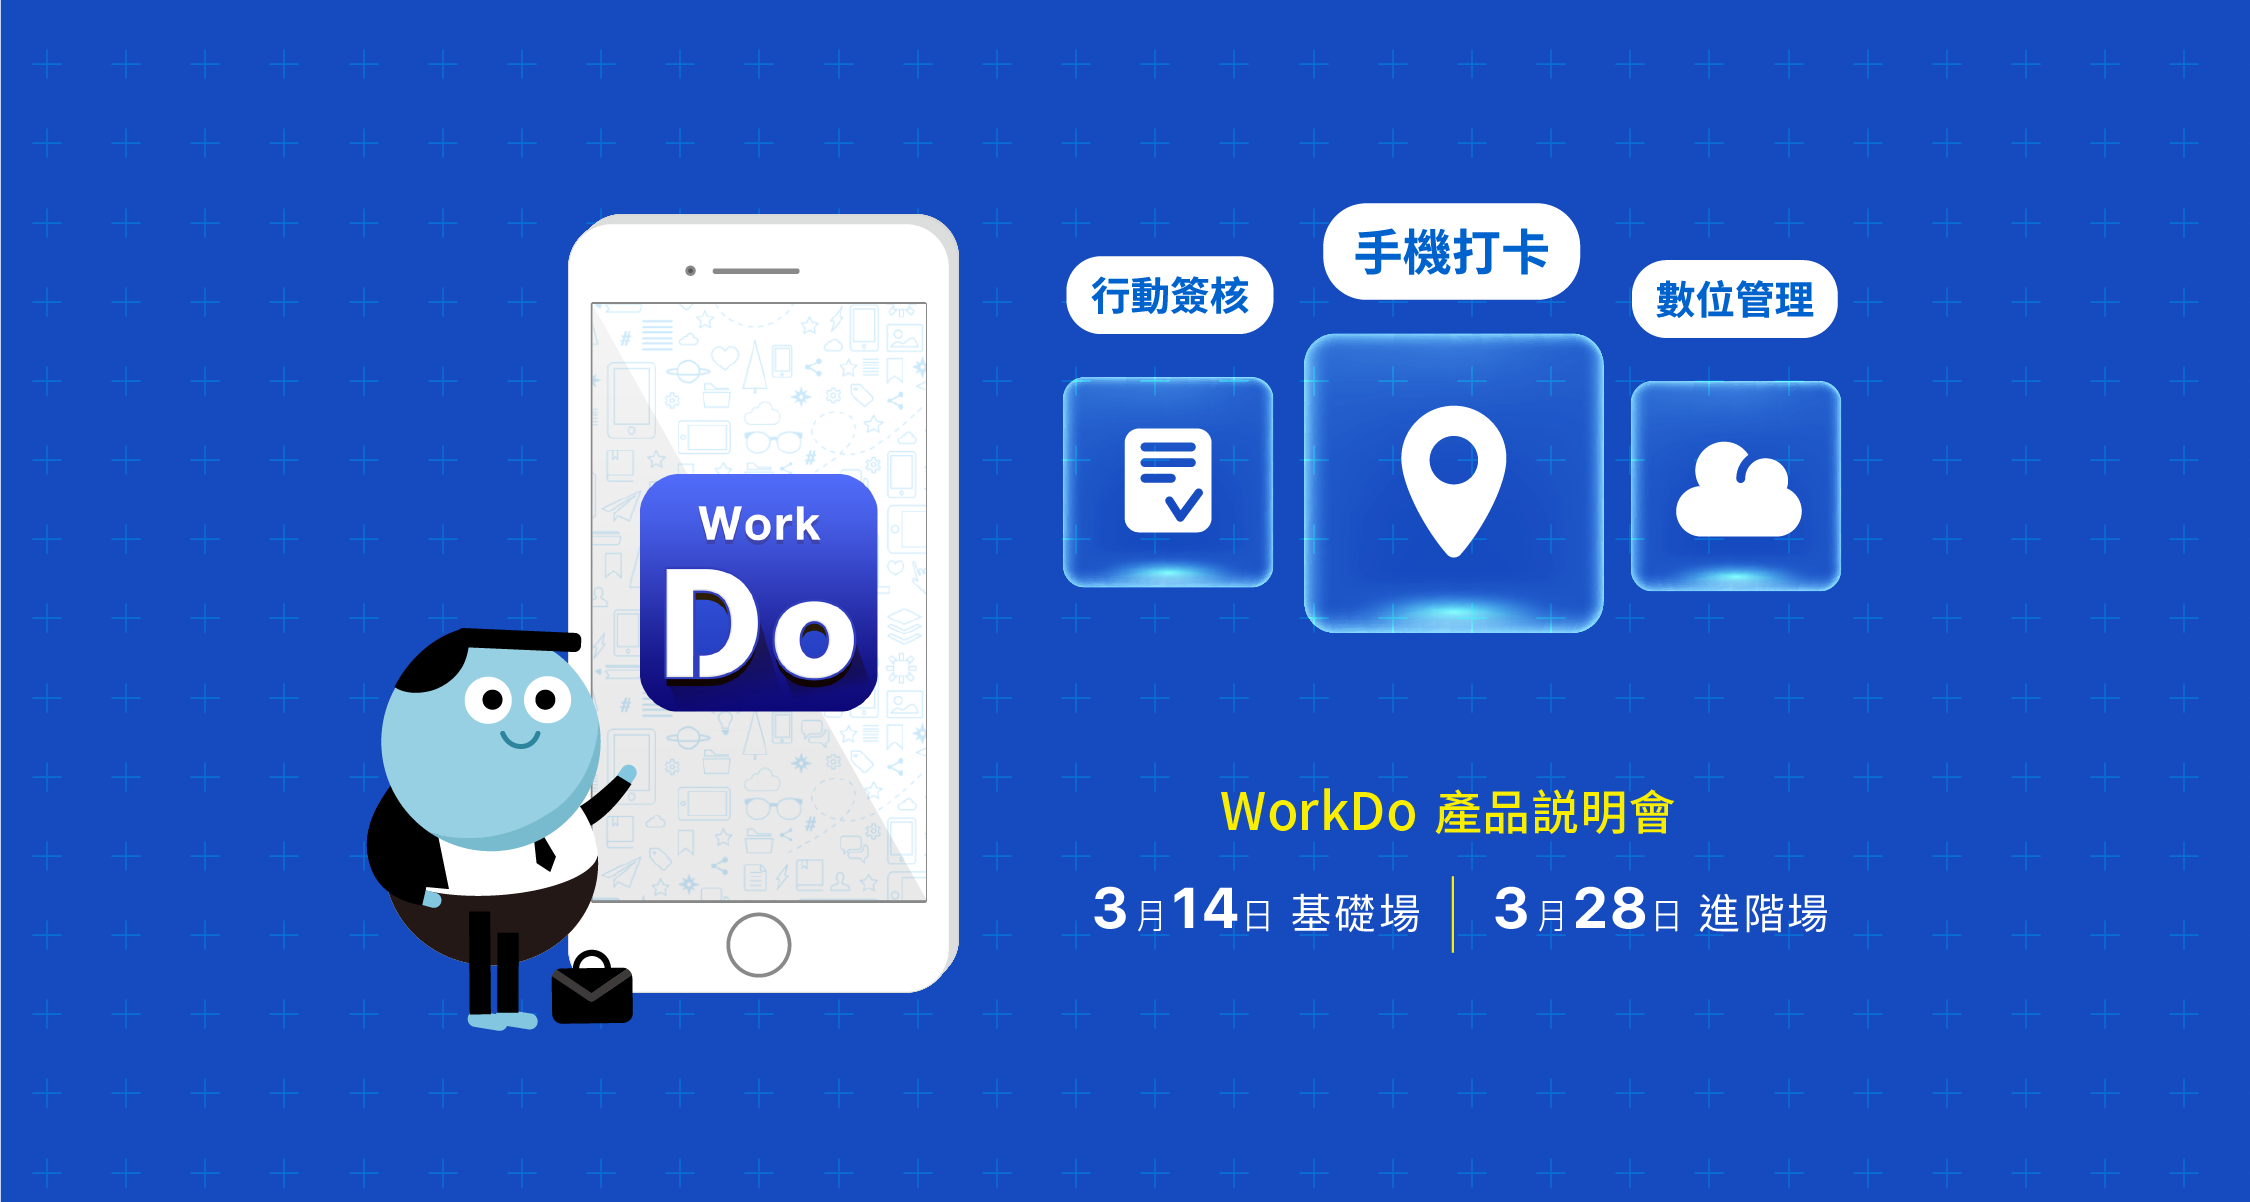 說明會 WorkDo All-in-One智慧行動辦公應用 企業說明會